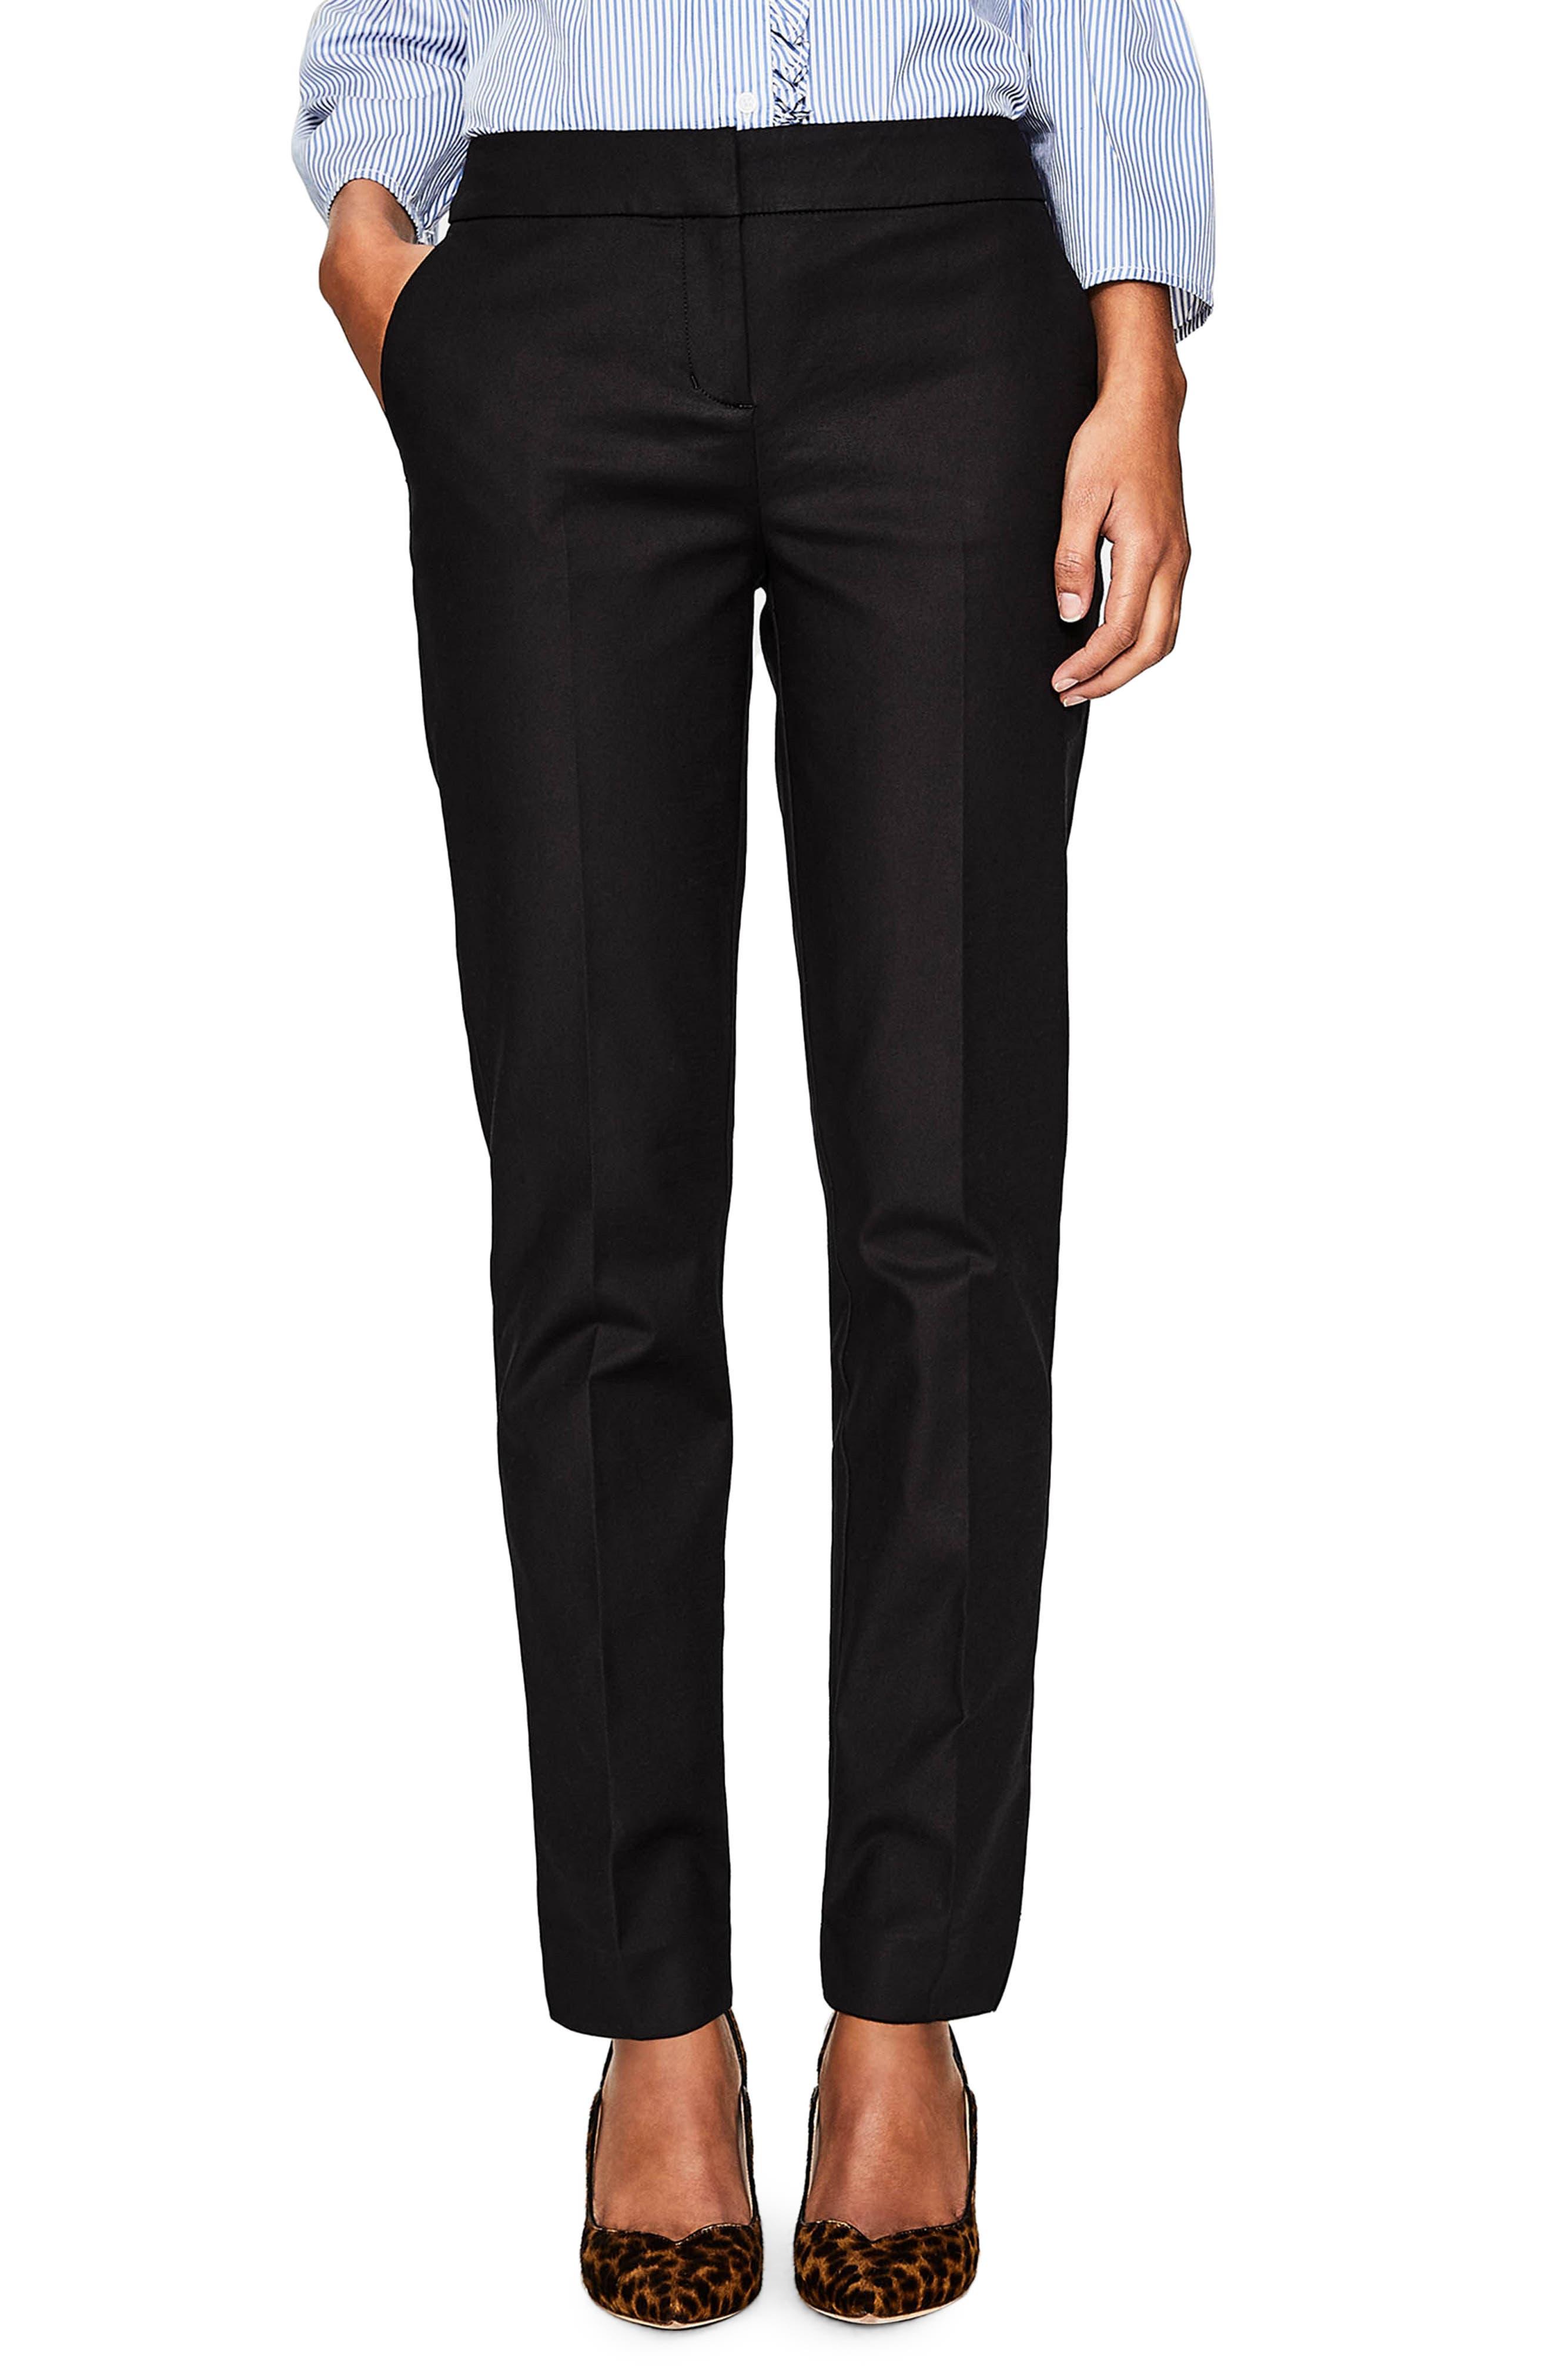 Richmond Stretch Cotton Trousers,                             Main thumbnail 1, color,                             Black